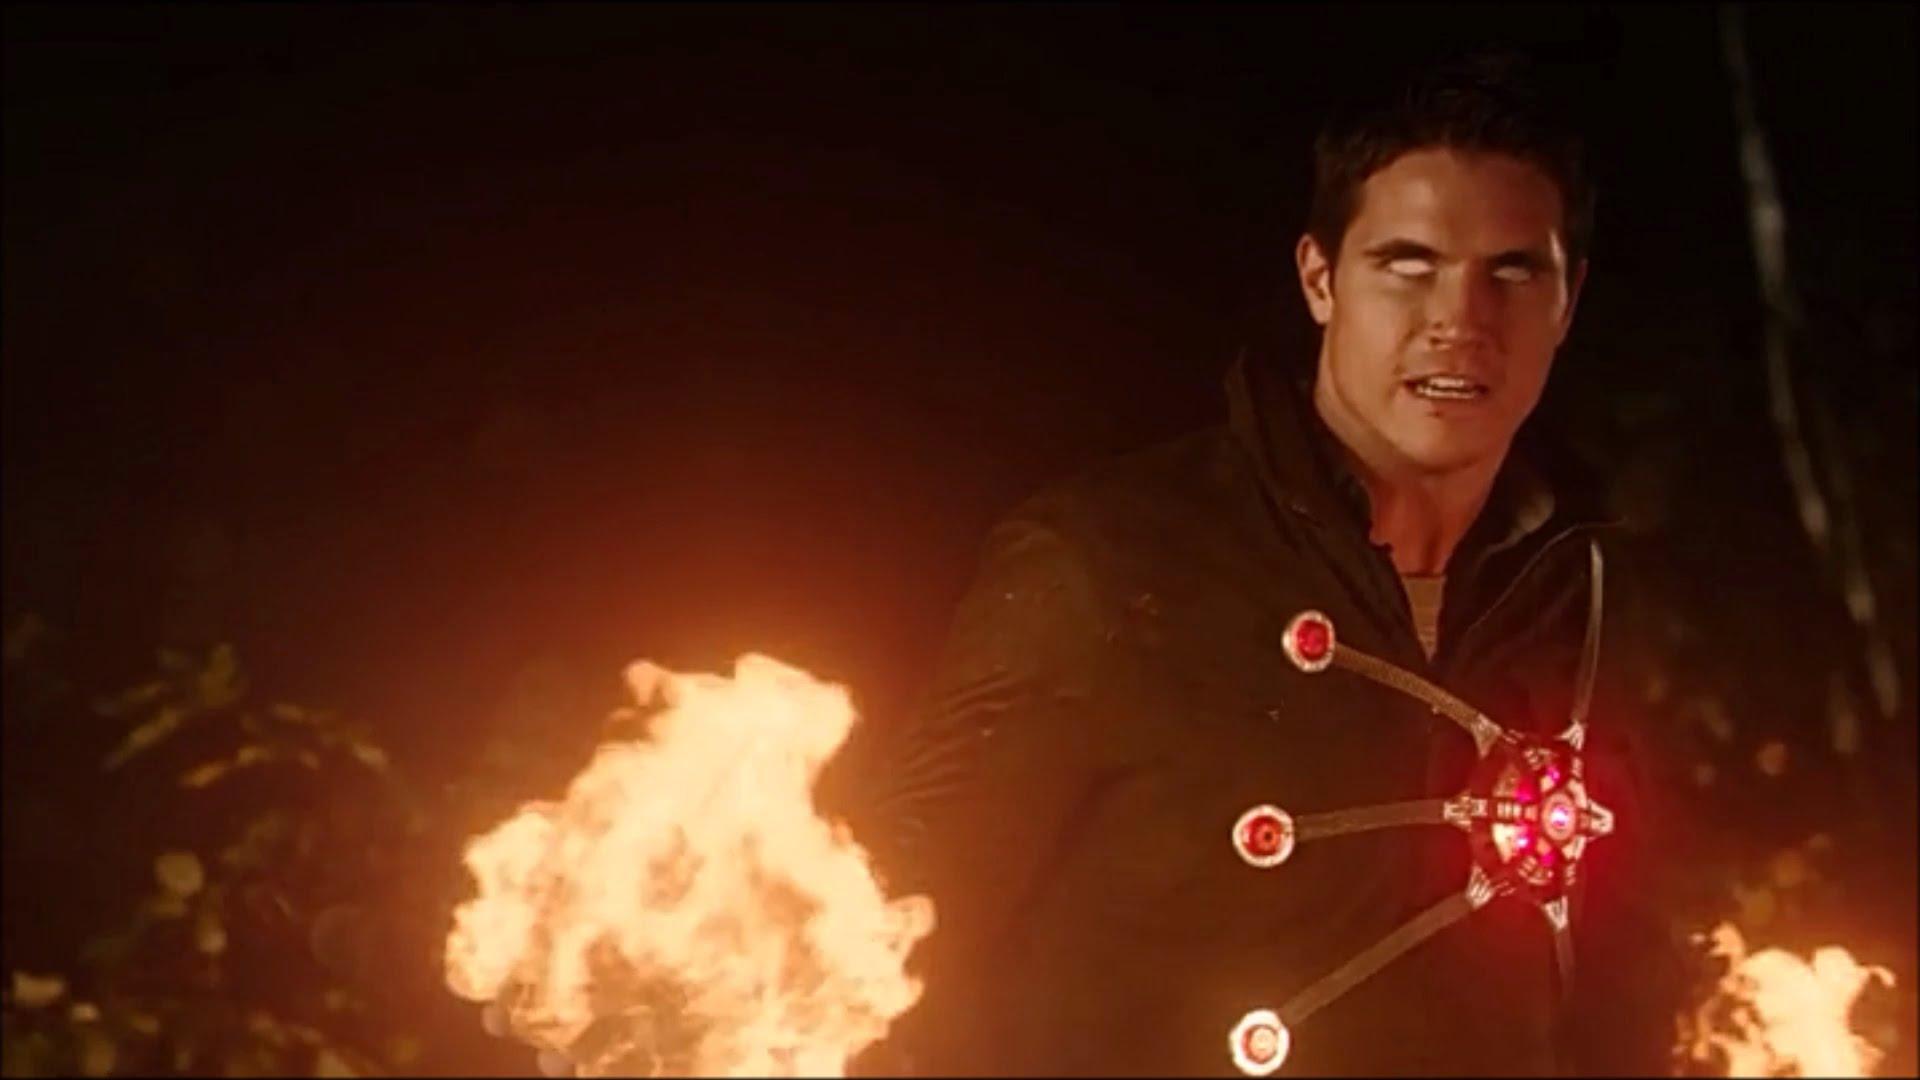 ¿Regresará el Firestorm de Robbie Amell a The Flash?